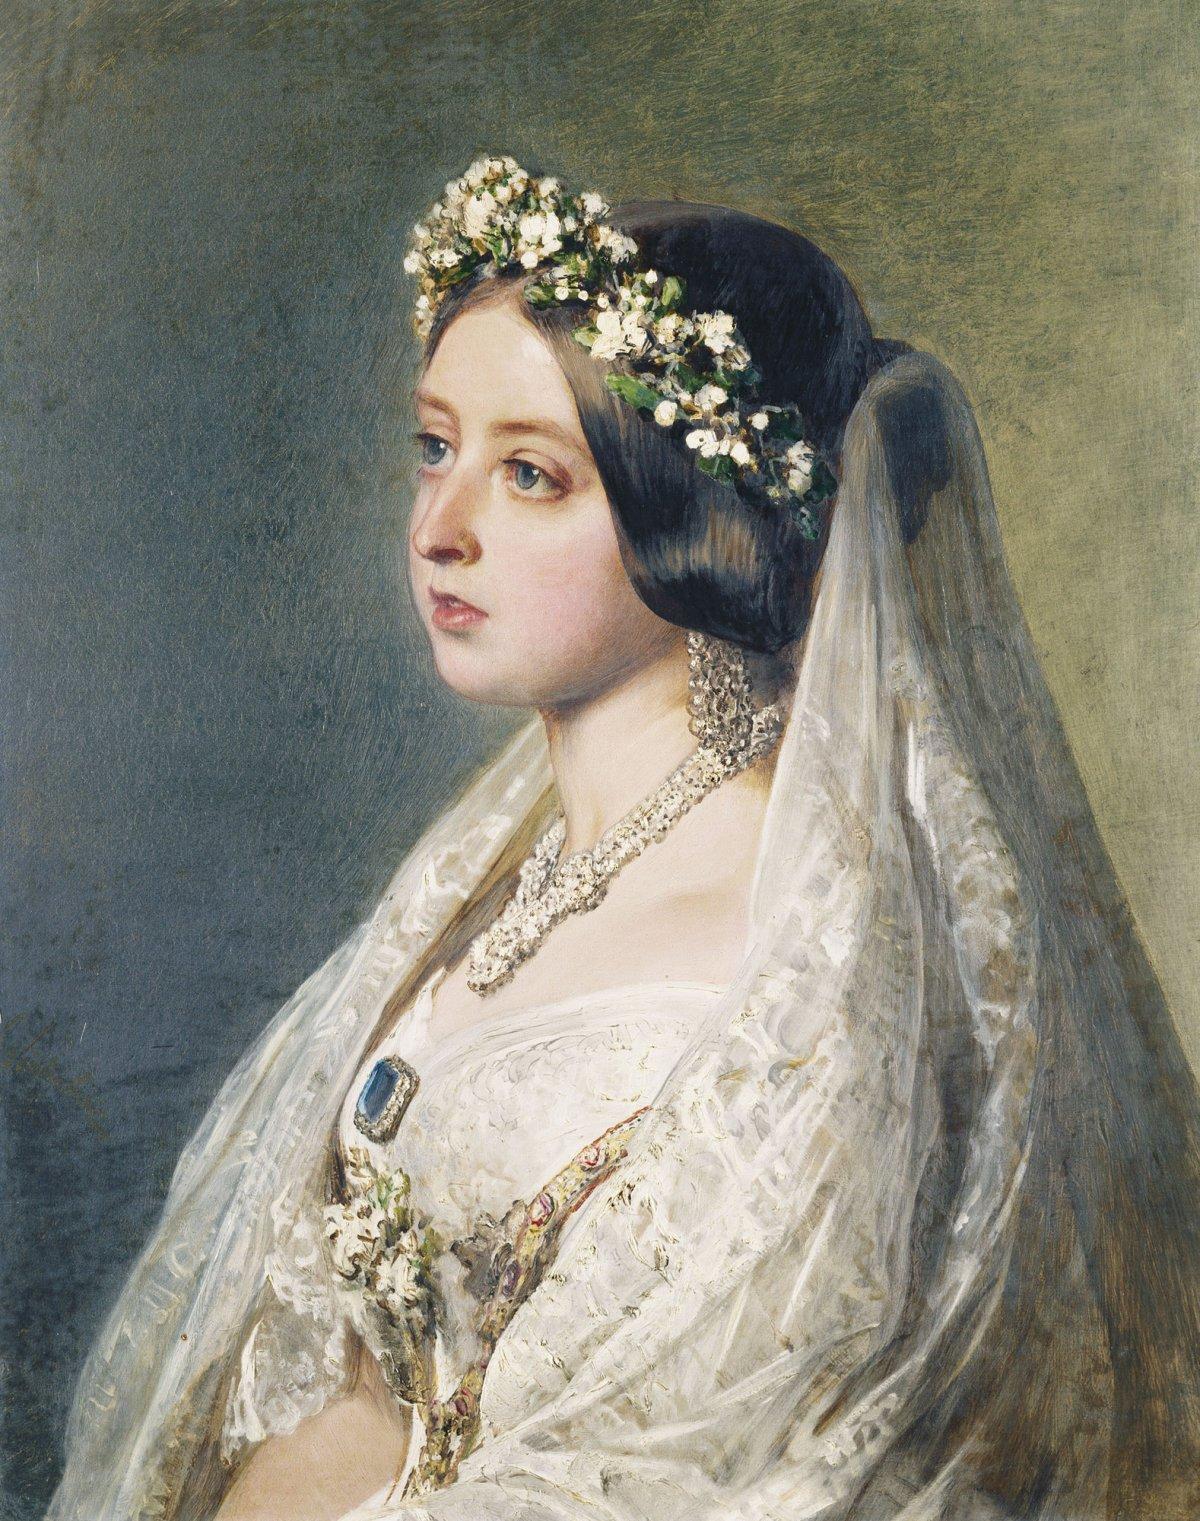 Queen Victoria by Winterhalter, 1847